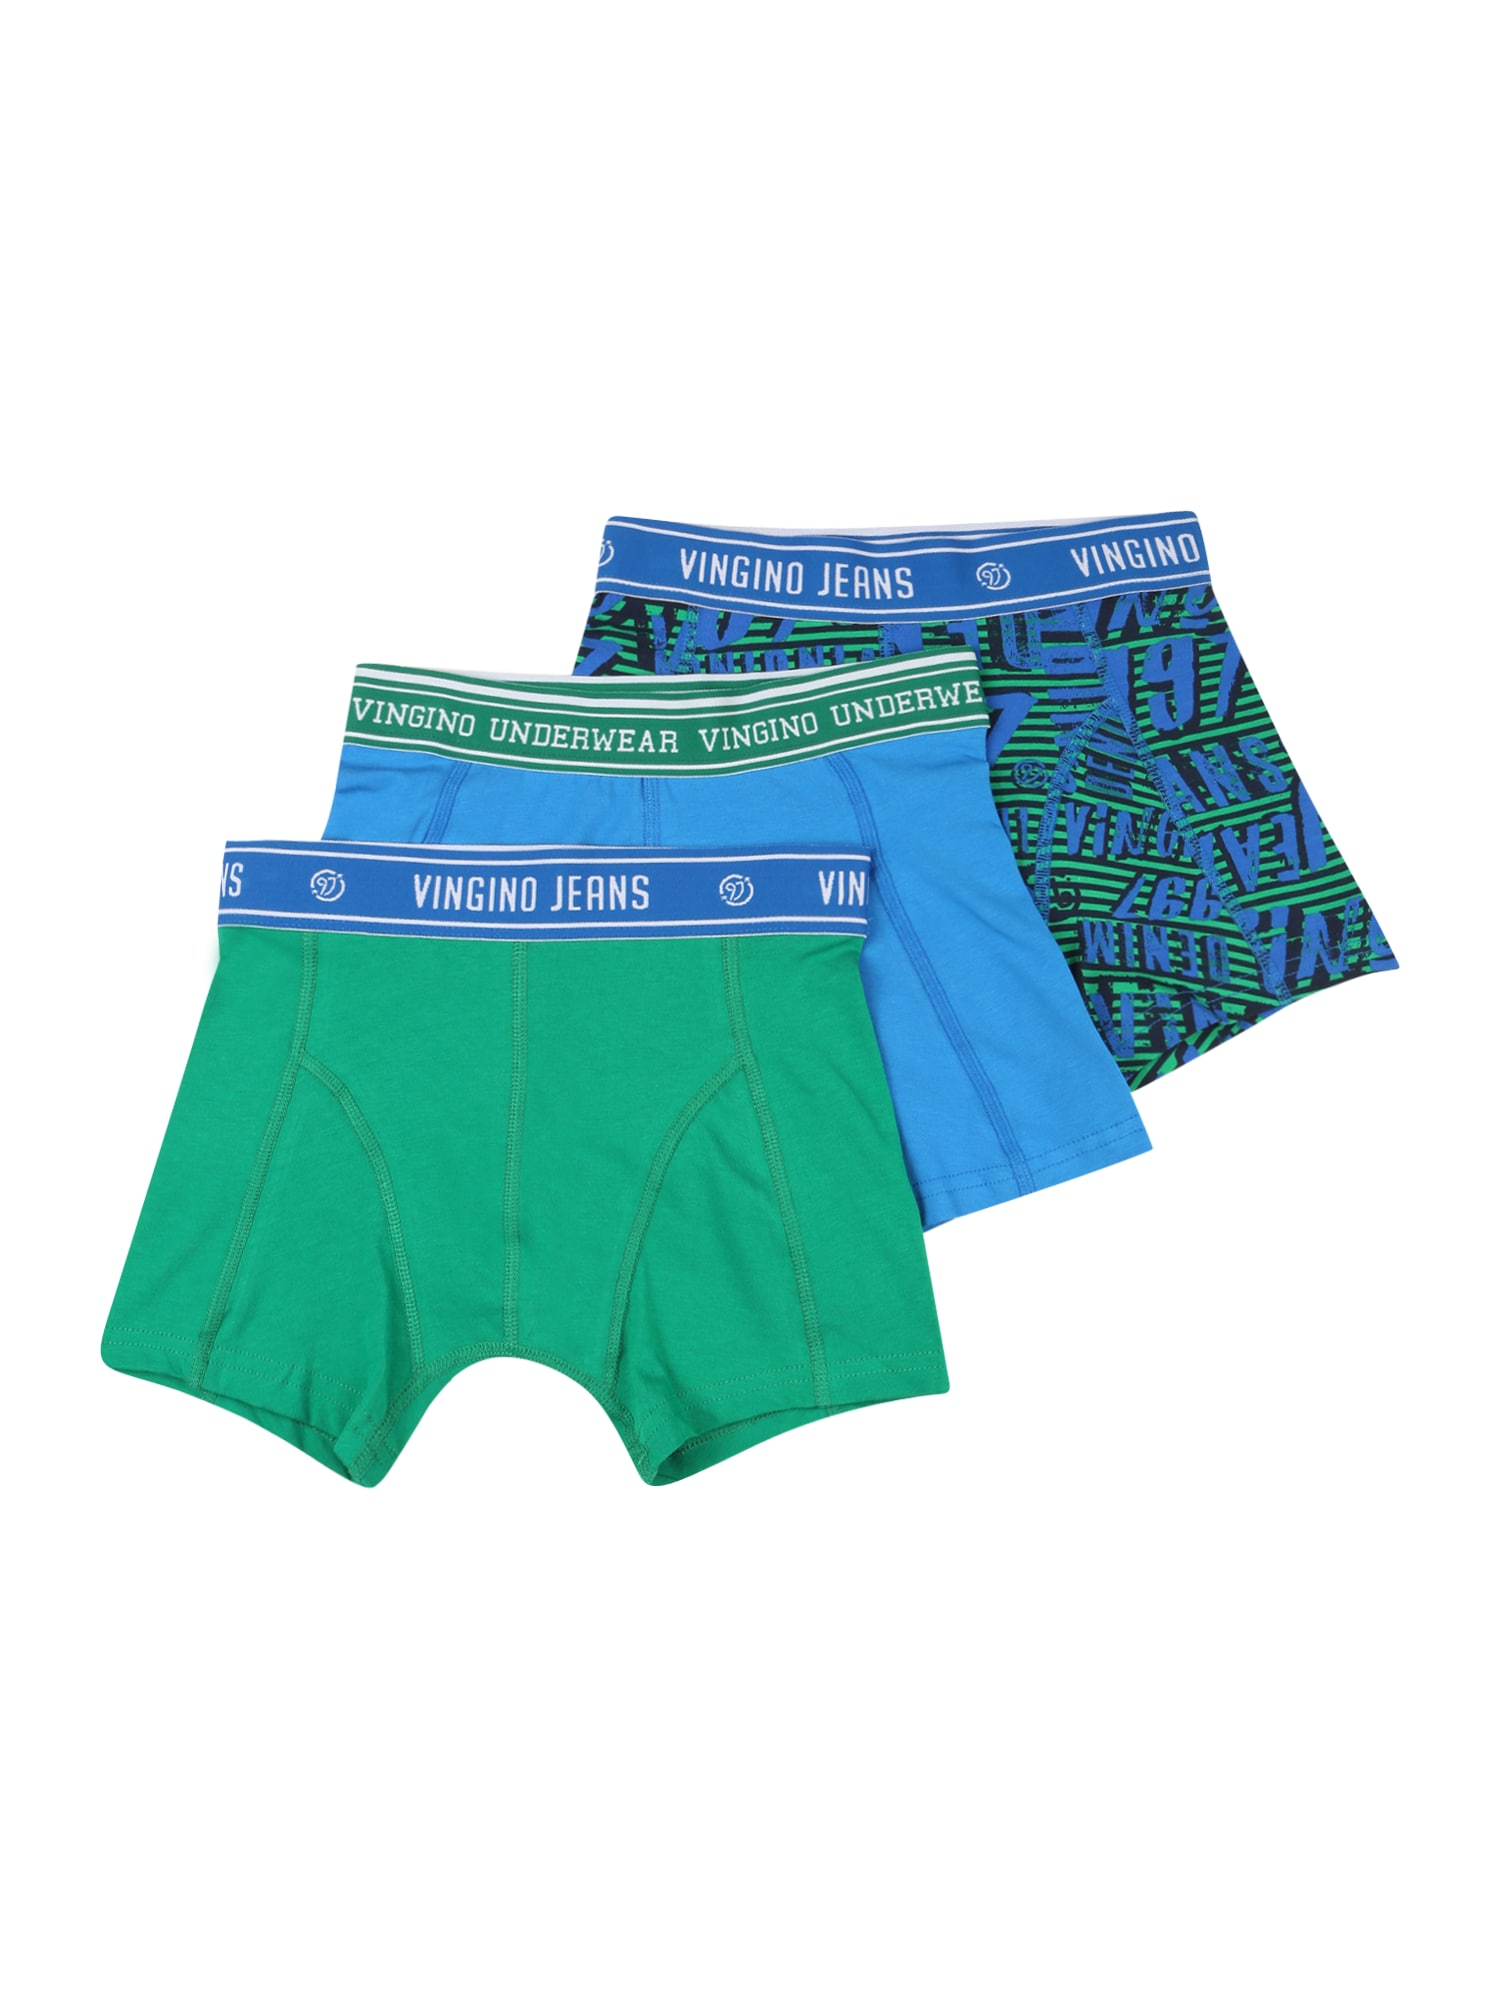 VINGINO Spodní prádlo  aqua modrá / zelená / námořnická modř / bílá